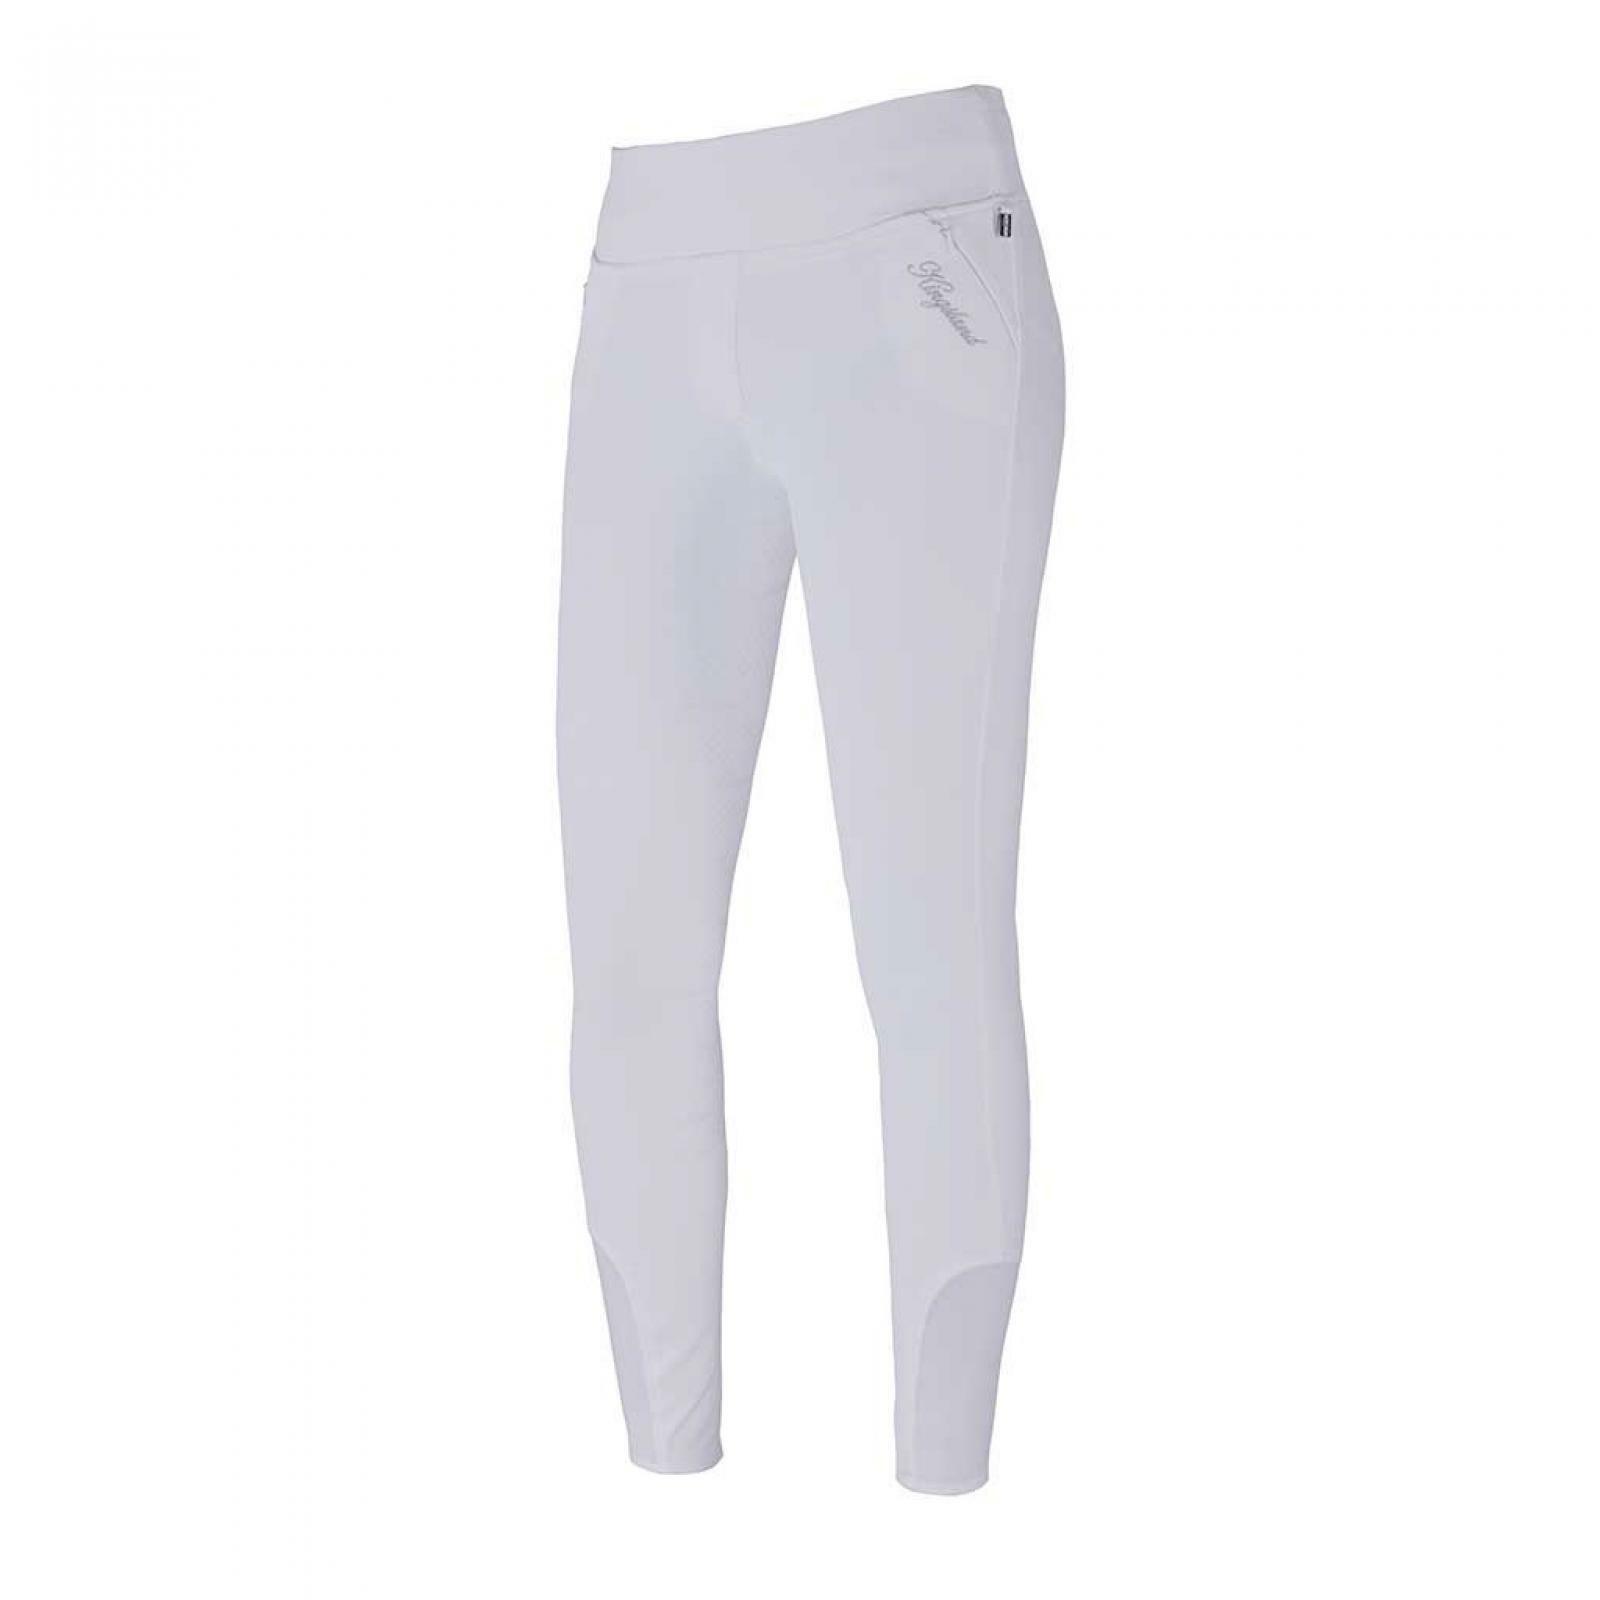 Kingsland Katja pull-on-pantalones con pleno-grip, E-TEC blancoo s19